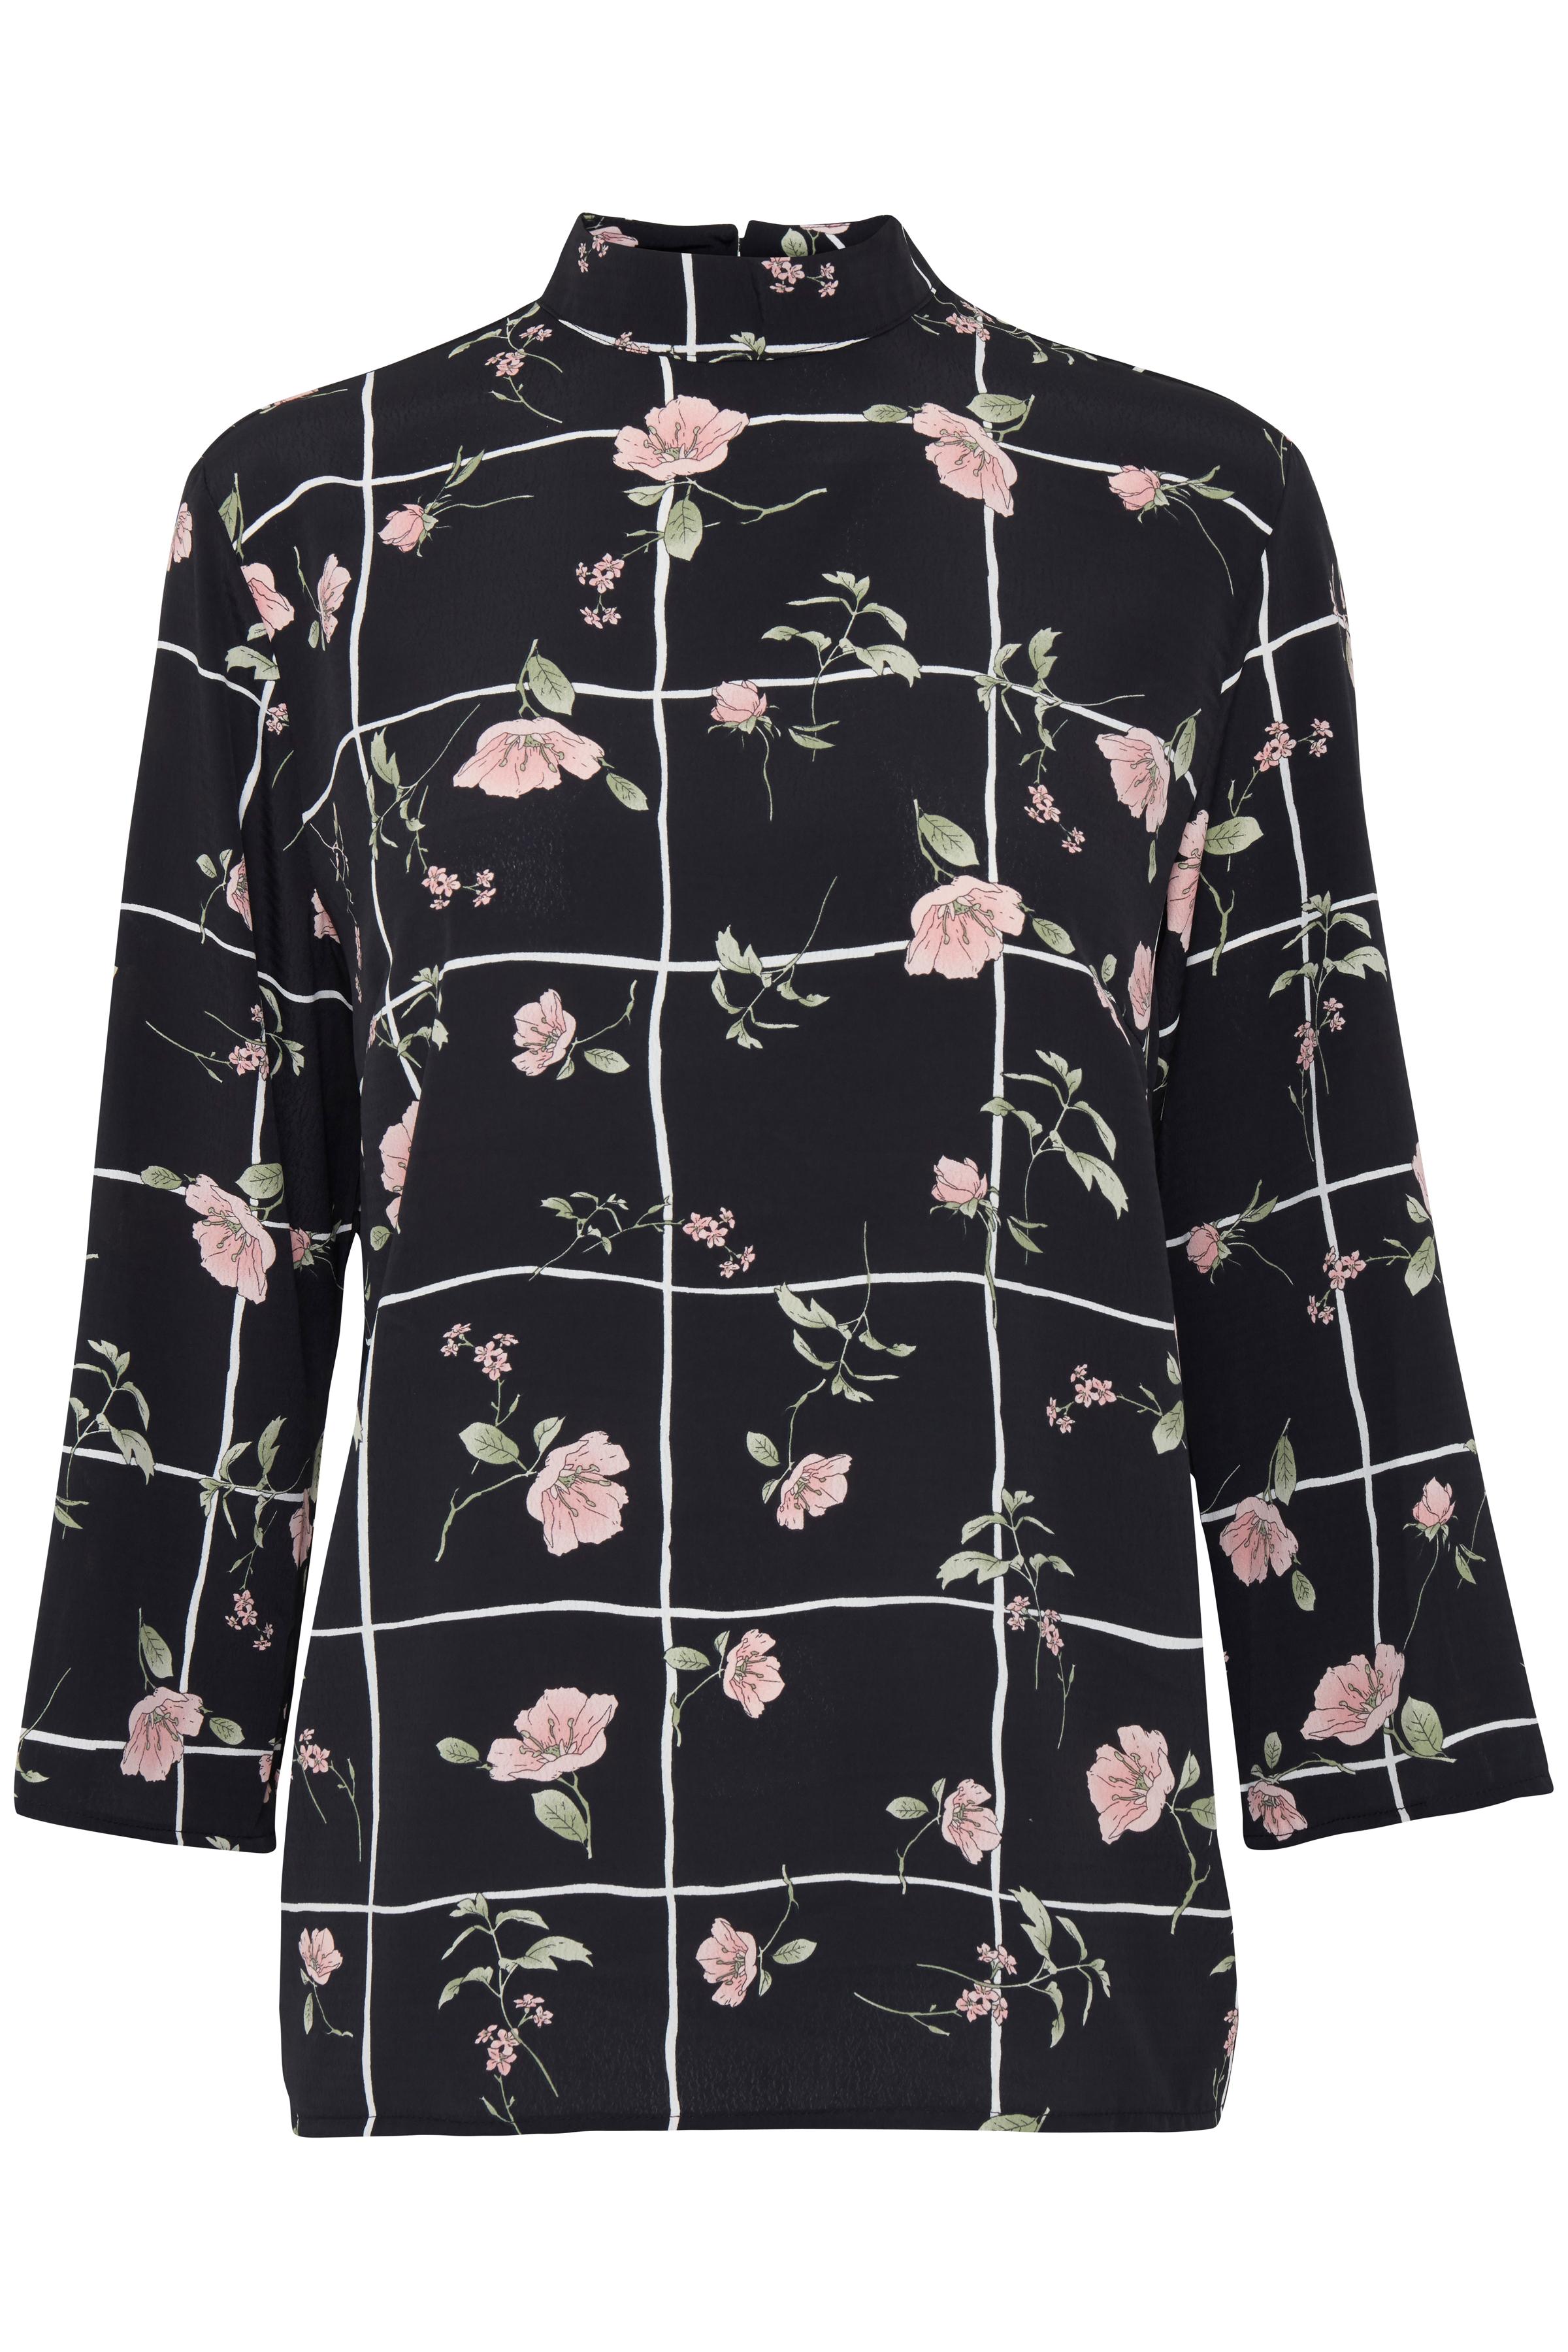 Black combi 2 Langærmet bluse fra b.young – Køb Black combi 2 Langærmet bluse fra str. 34-42 her